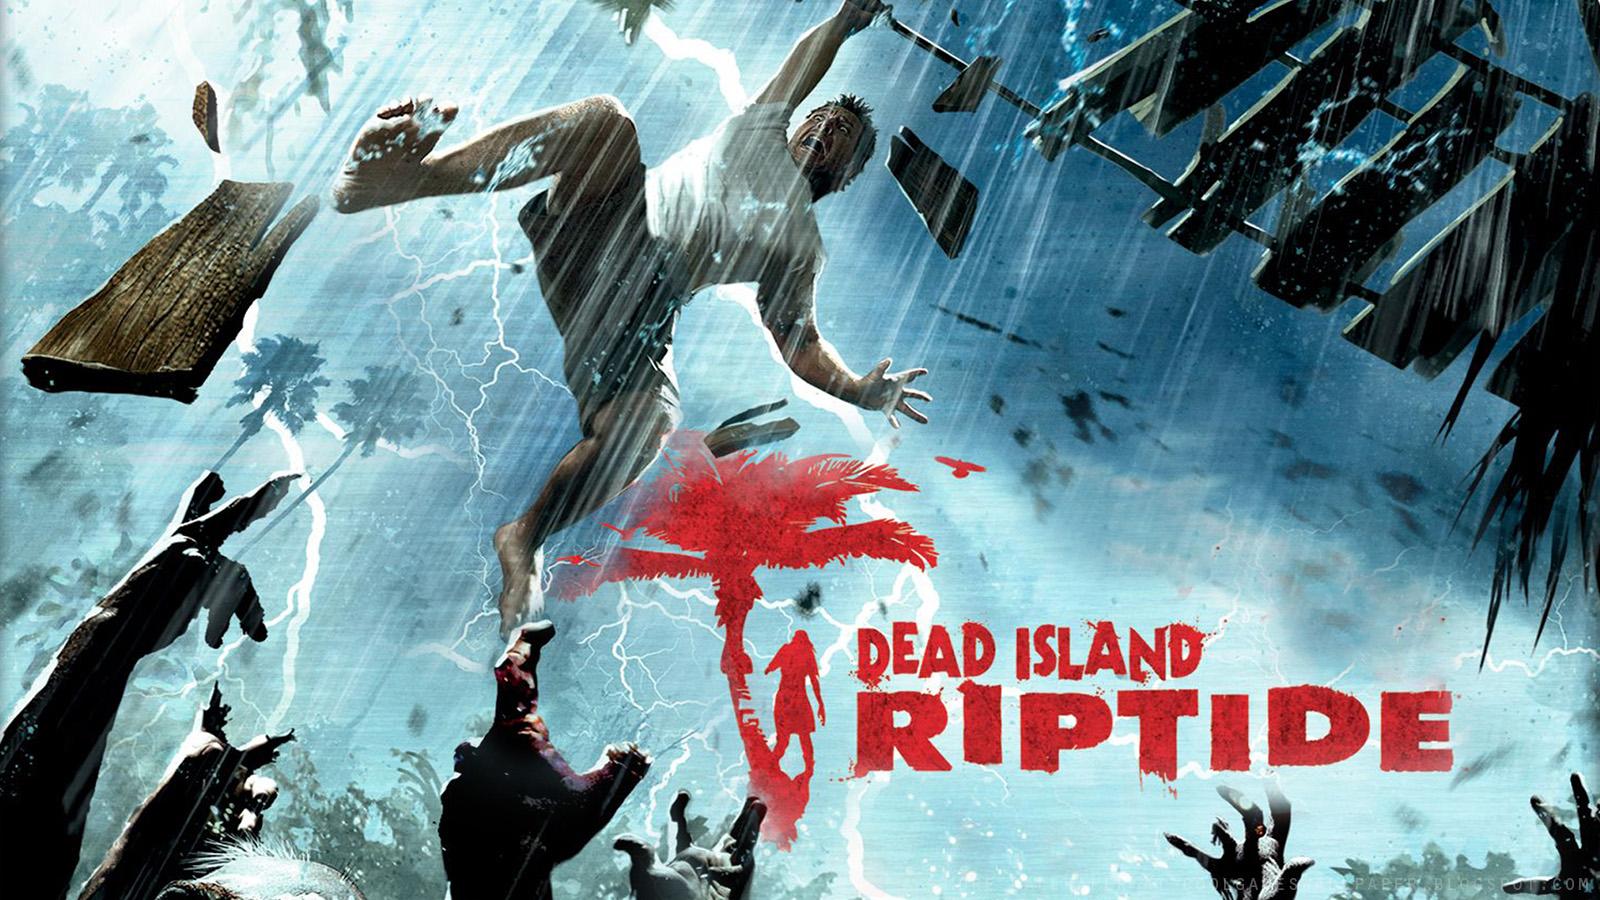 Dead Island Riptide HD Wallpaper